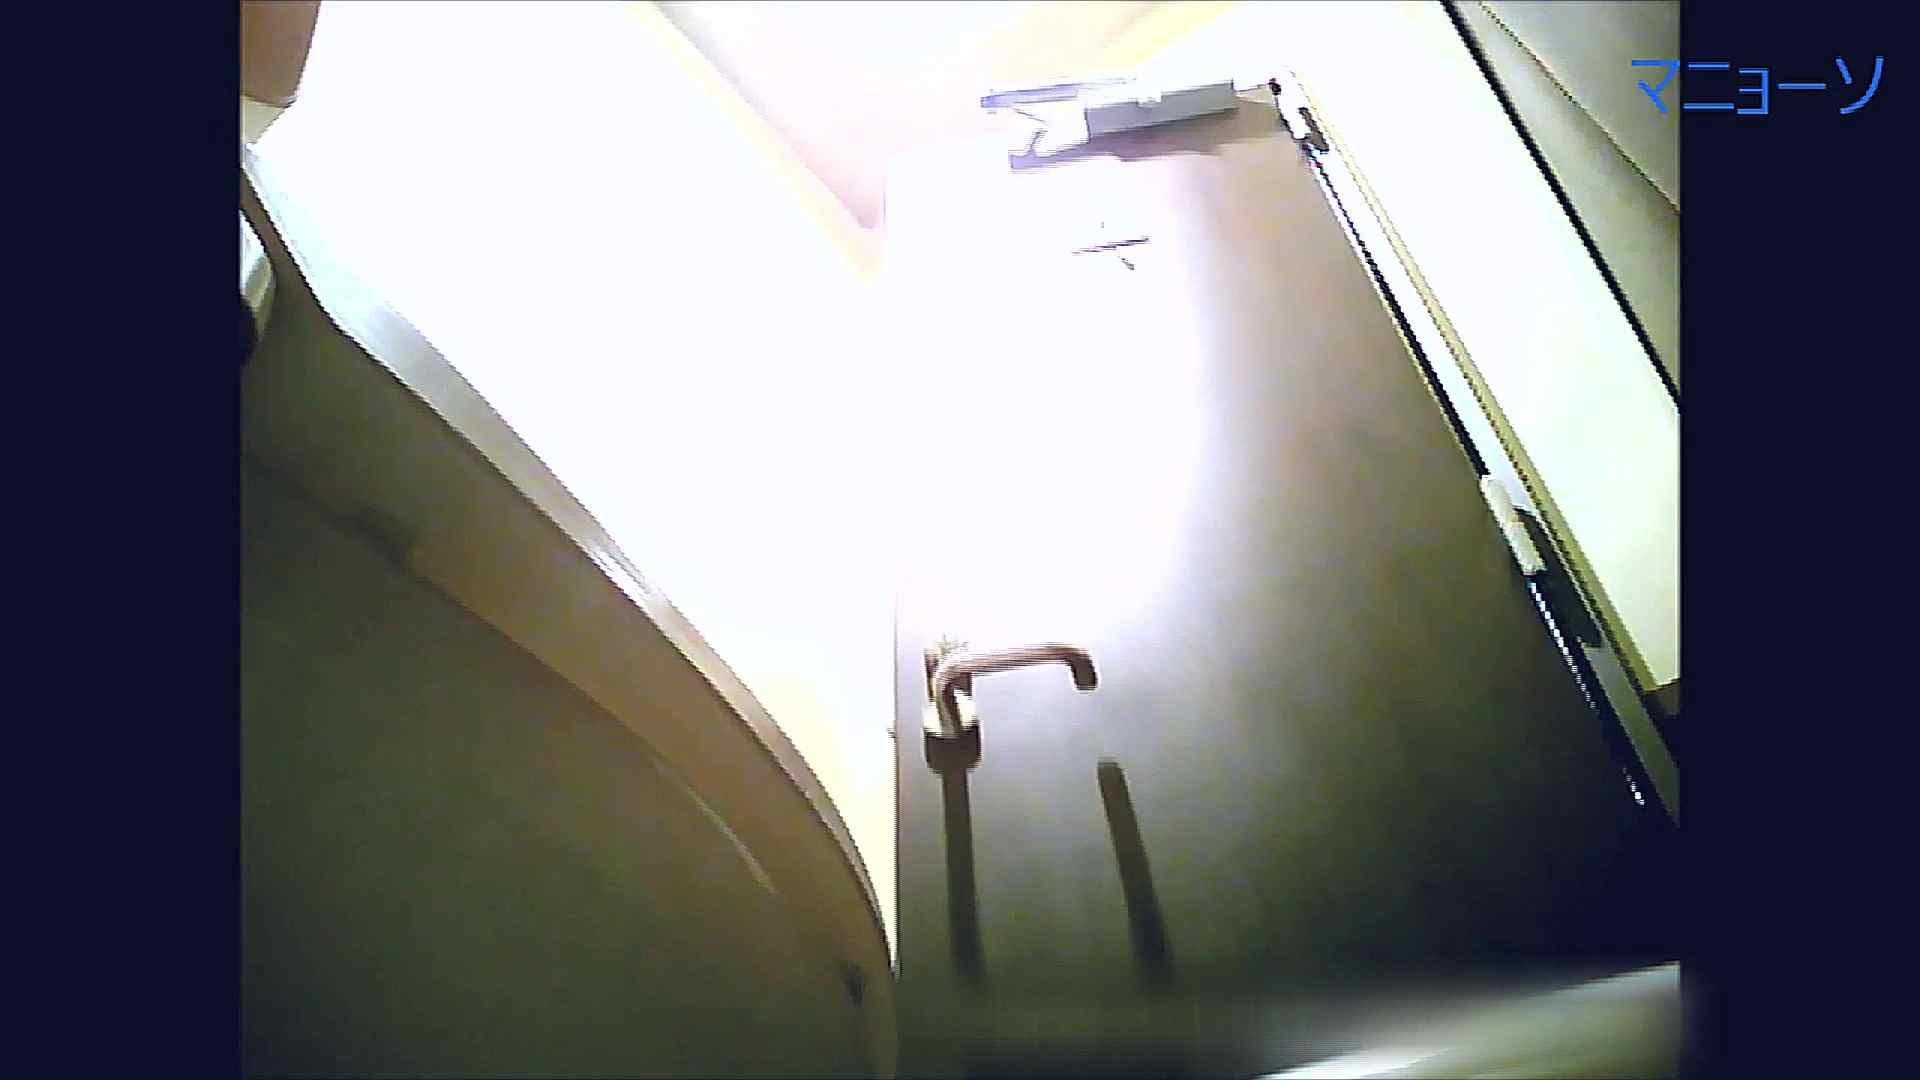 トイレでひと肌脱いでもらいました (OL編)Vol.08 OL   トイレ中  98連発 53